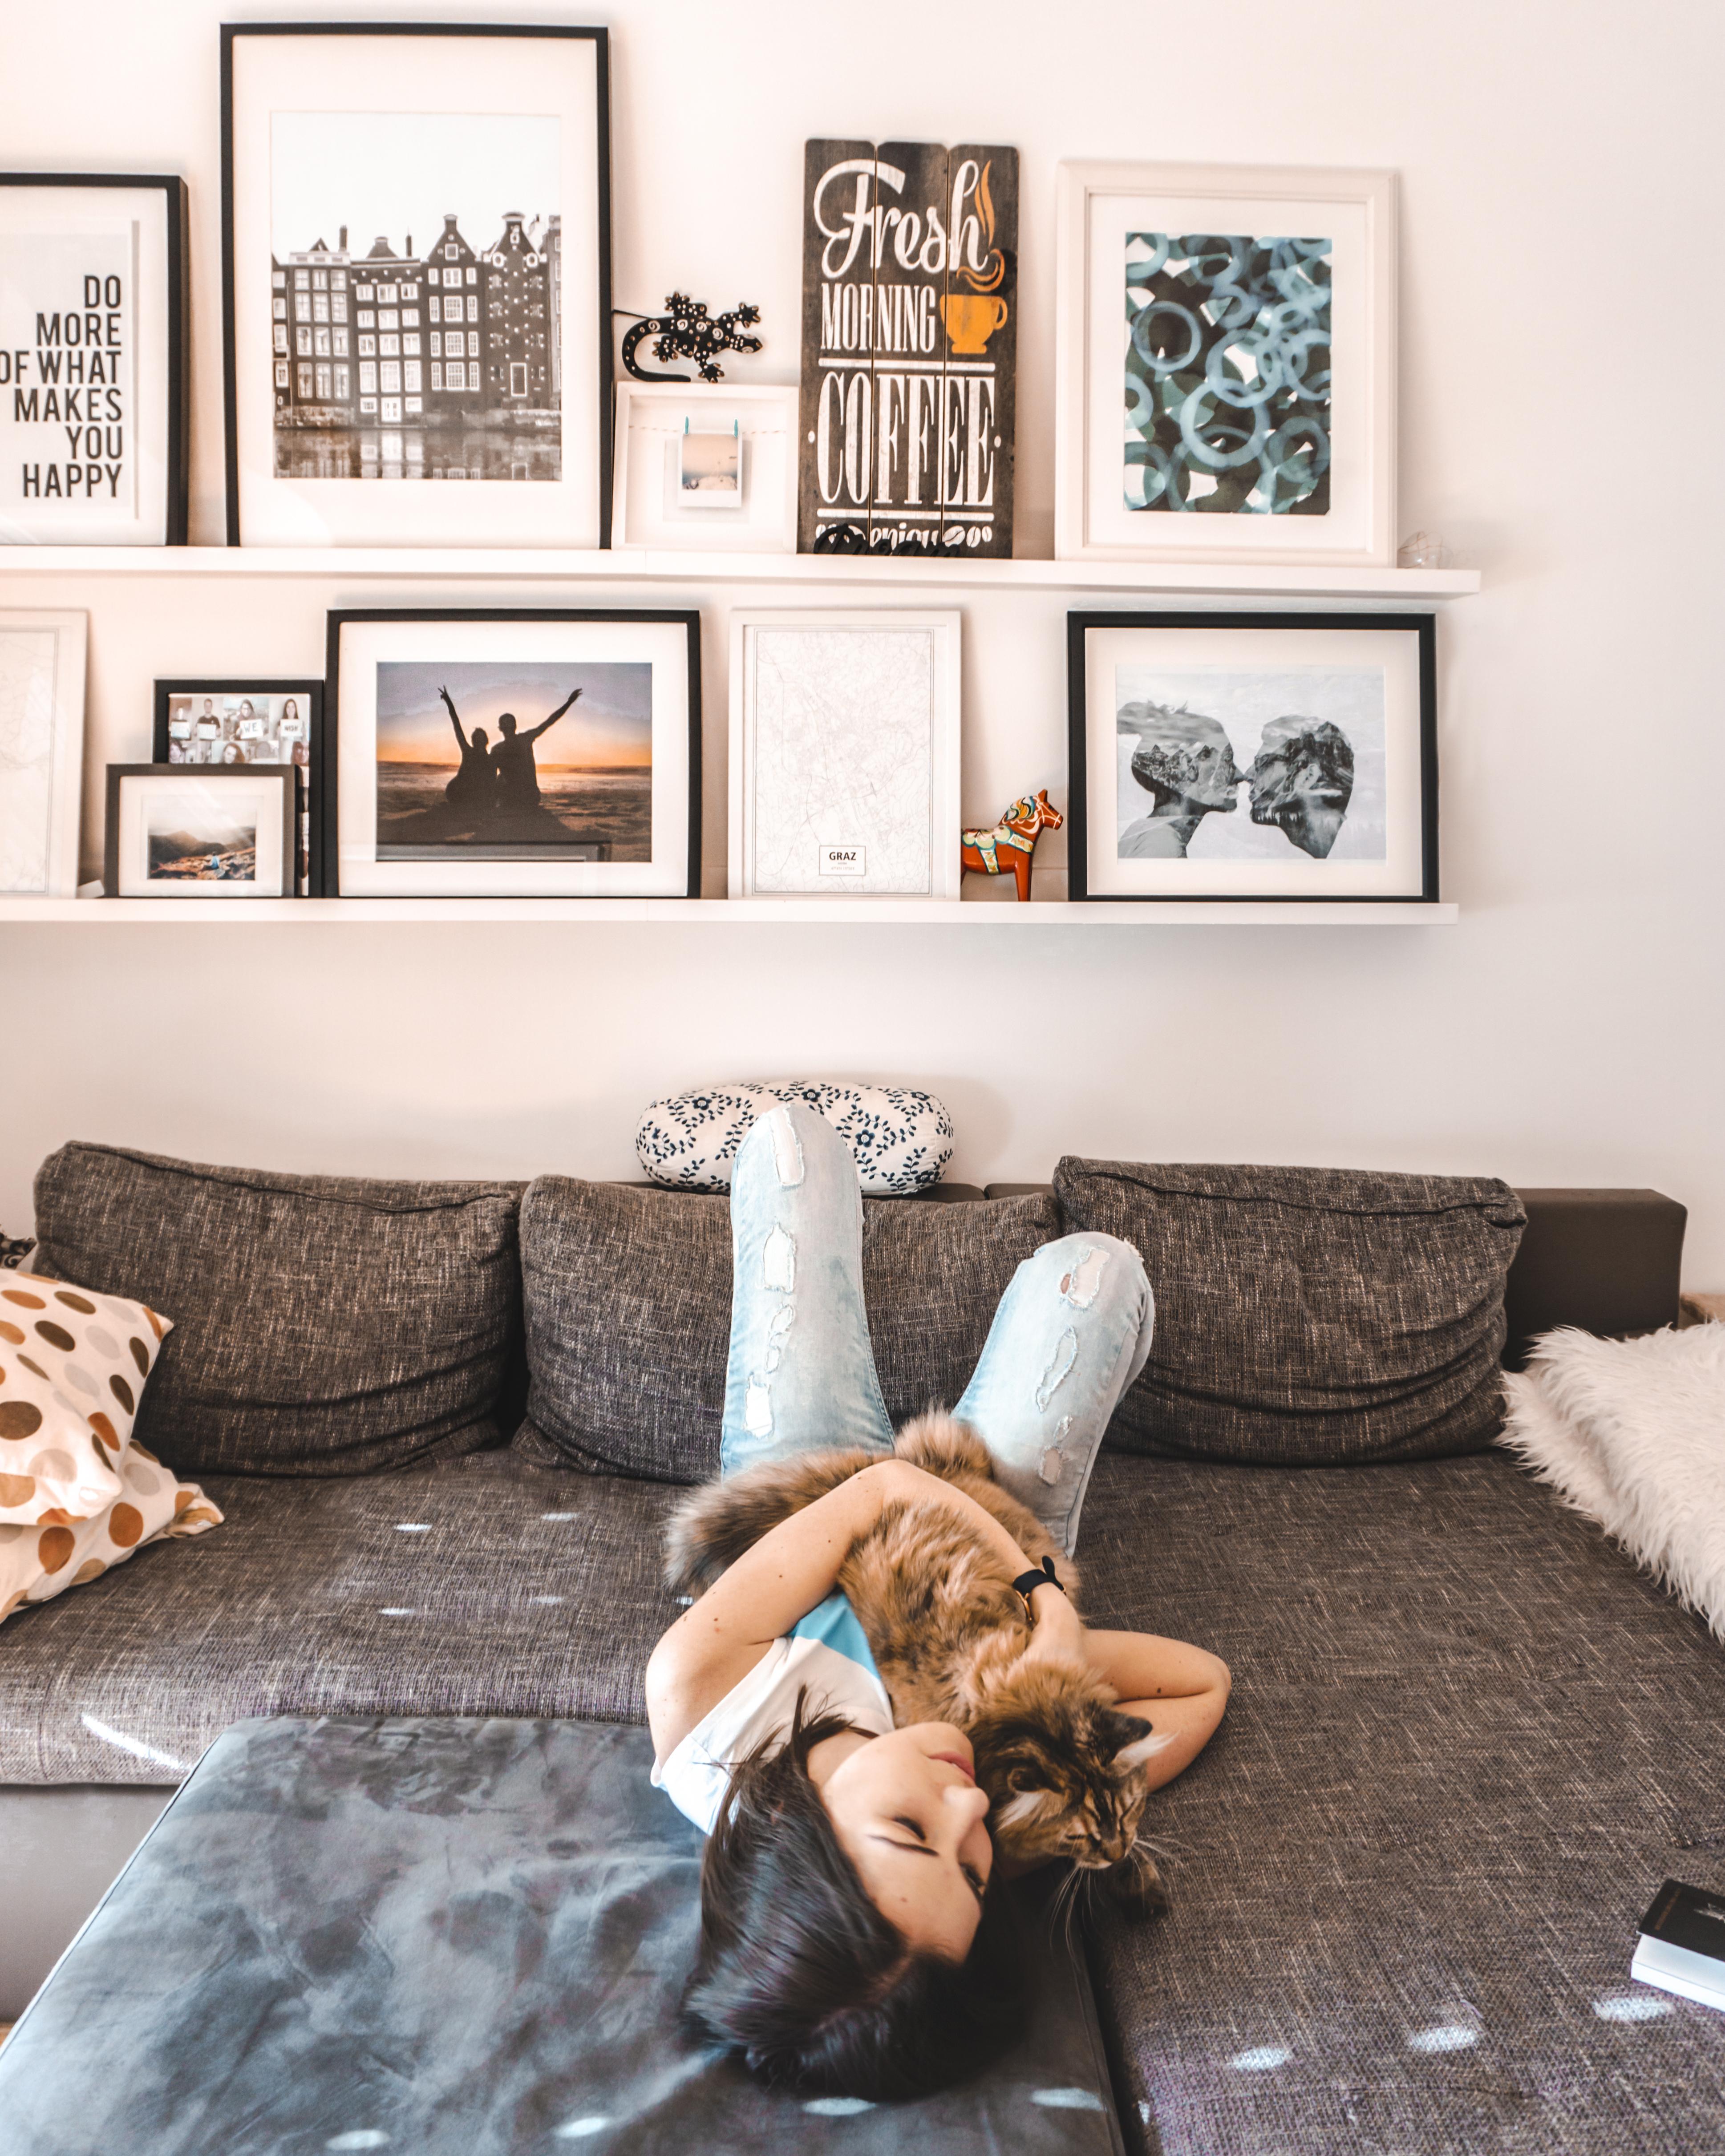 Pokój w stylu skandynawskim półki z Ikei, zdjęcia oraz plakaty. Blog lifestylowy